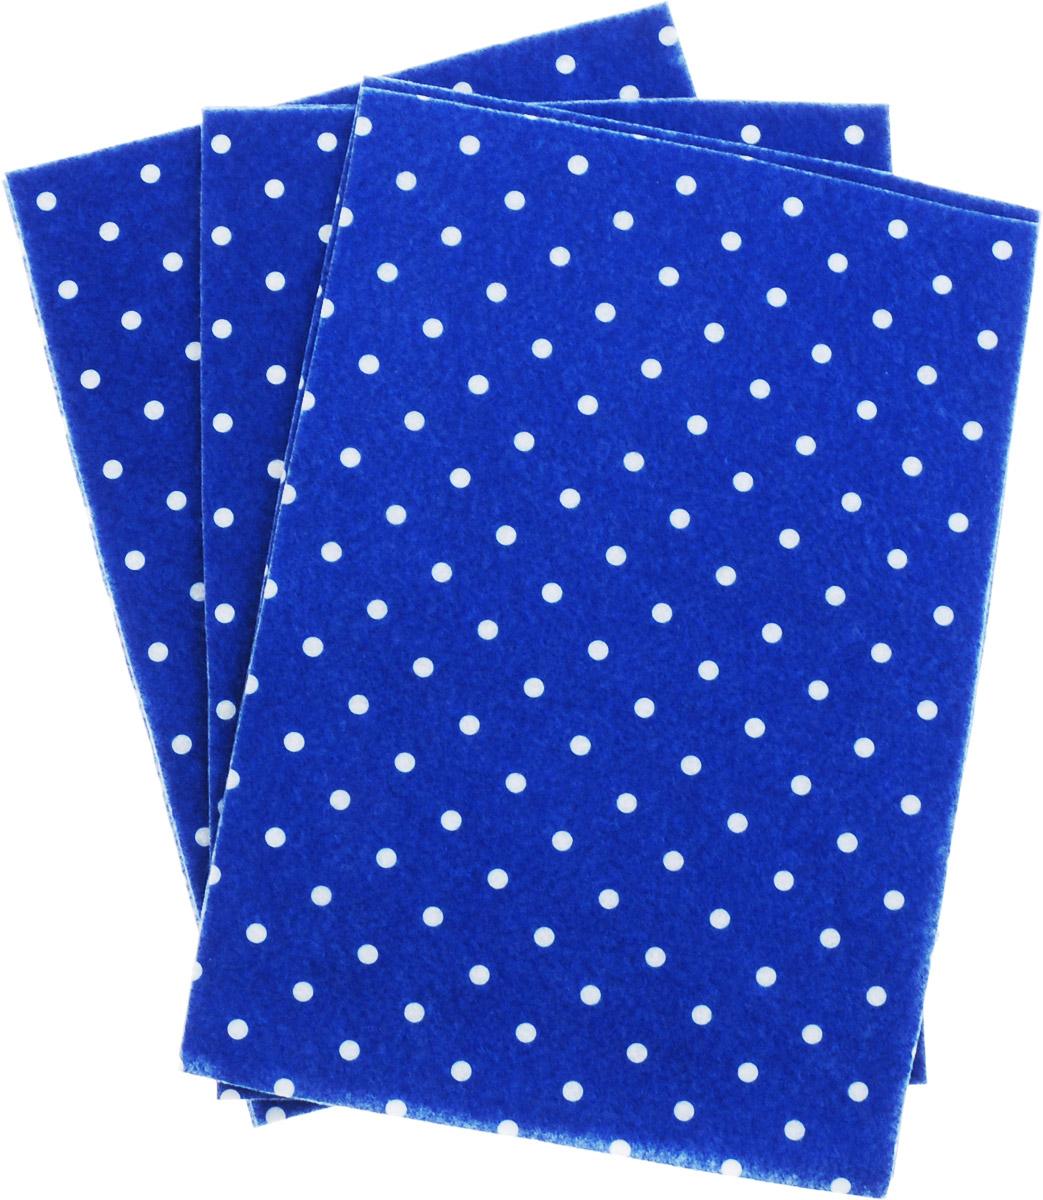 Фетр листовой для творчества Астра Горох, 20 х 30 см, 10 штNLED-454-9W-BKМягкий фетр Астра Горох, изготовленный из100% полиэстера, используется для отделки готовых работ в разных техниках. Основное применение тонкого фетра - создание аппликаций, набивных игрушек, подушек, декора, бижутерии. Вы также можете его использовать для внутренней отделки шкатулки или подарочной коробки. Фетр напоминает бумагу, его также можно, резать, шить, клеить. Листы не лохматятся в месте разреза, что упрощает обработку краев. Материал хорошо приклеивается практически на любые поверхности, и не имеет лица и изнанки.В наборе - 10 листов.Размер листа: 20 х 30 см.Толщина листа: 1 мм.